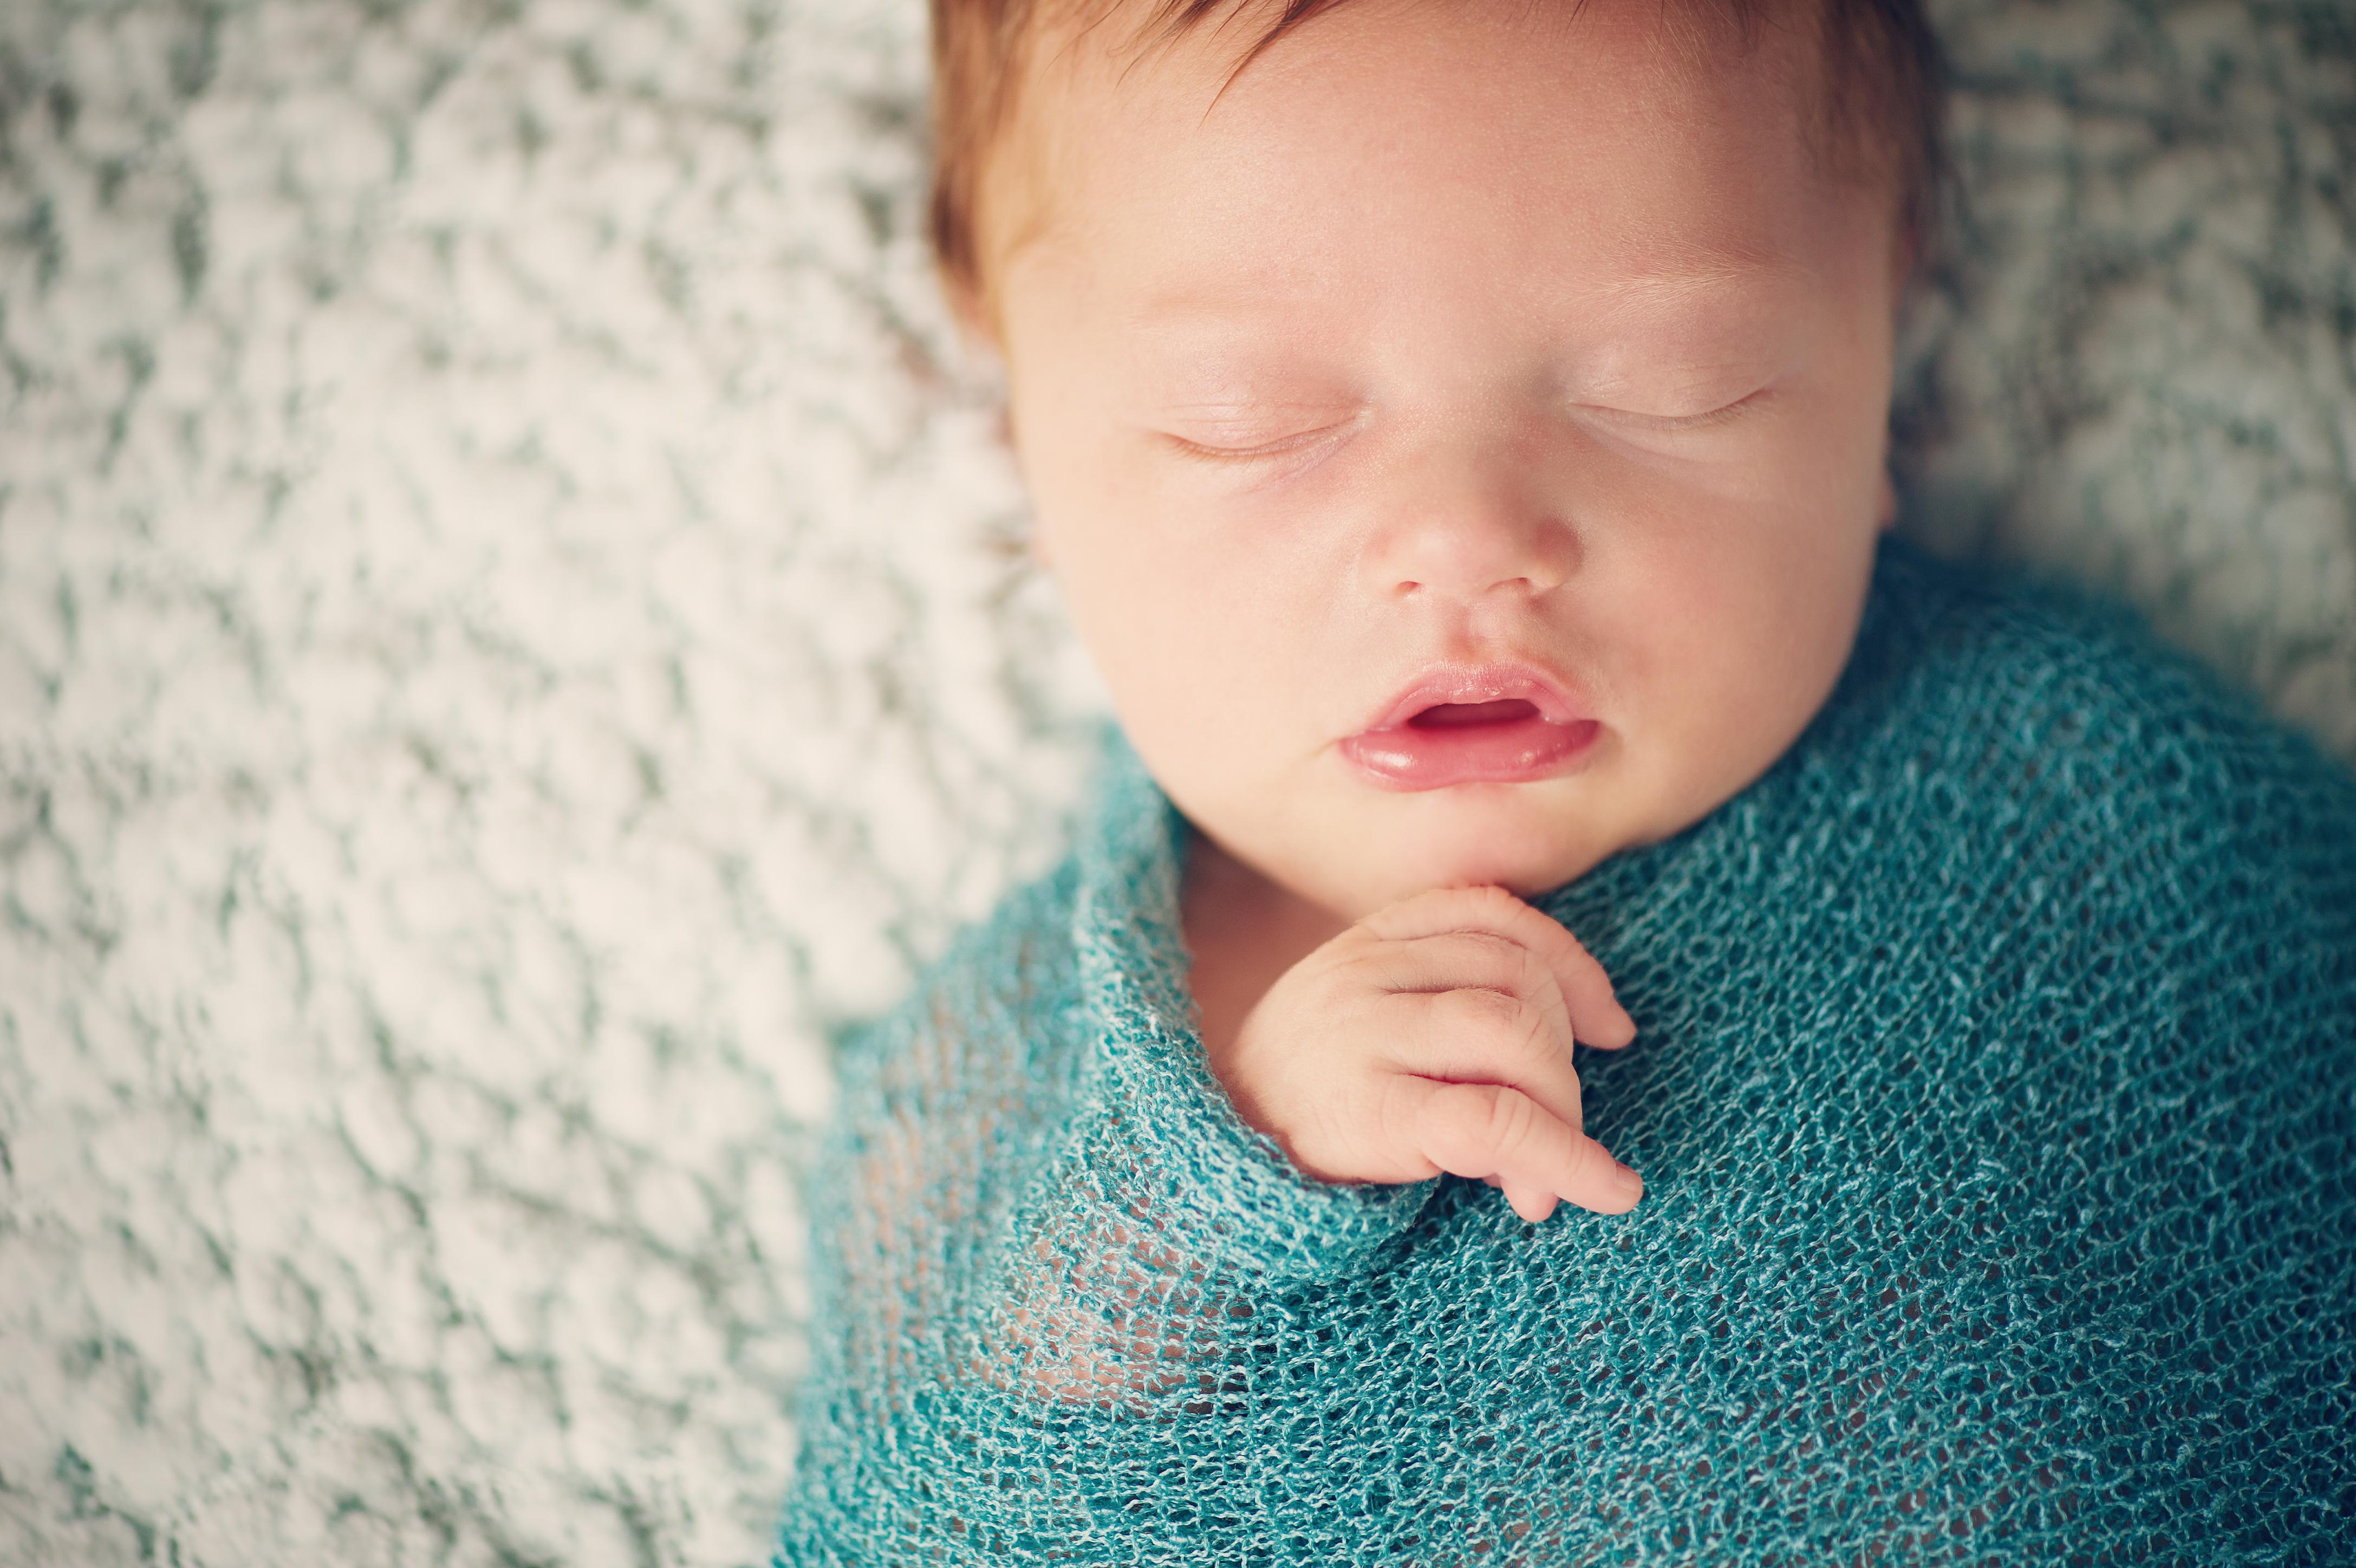 baby-teal-blanket